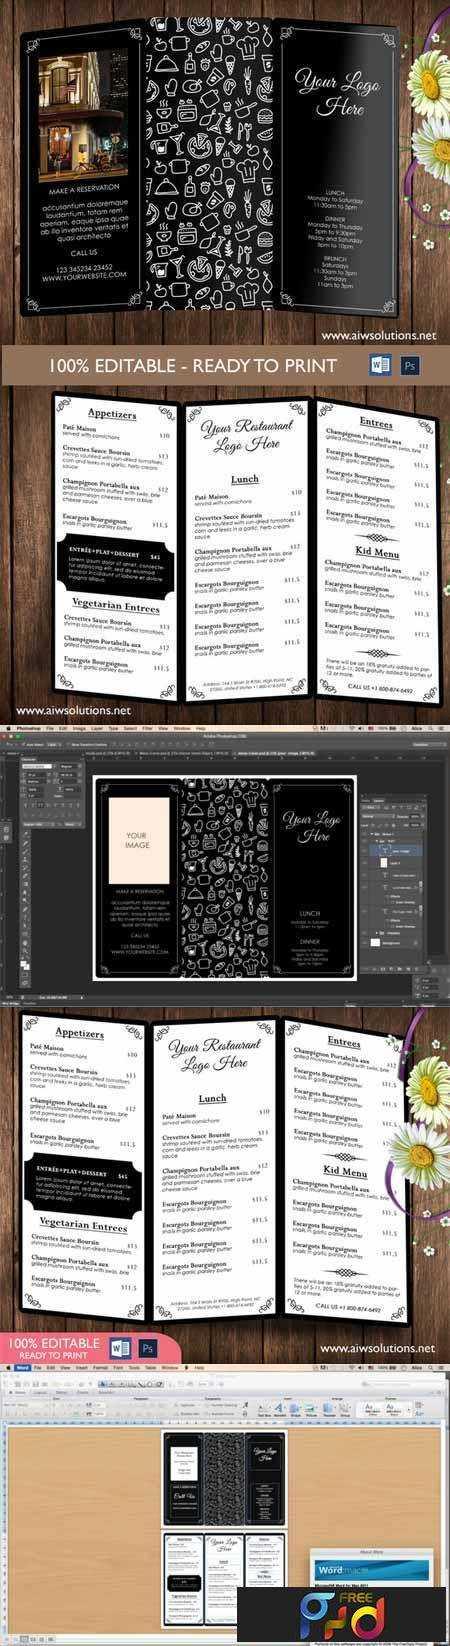 freepsdvn-com_1459149880_restaurant-menu-template-596755